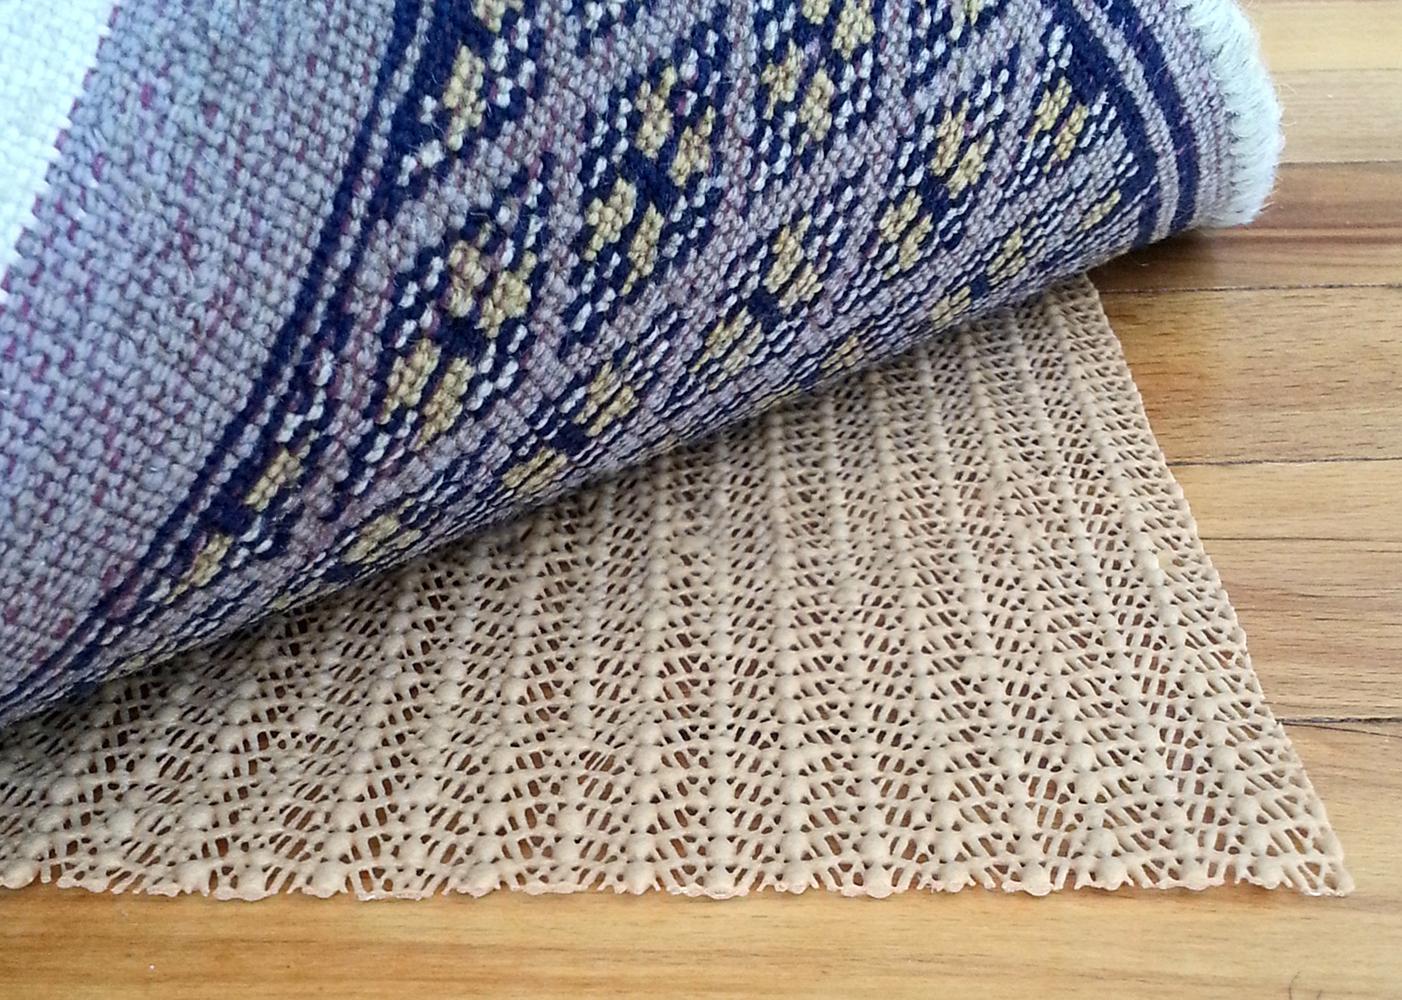 Non Skid Slip Area Rug Pad Underlay Nonskid Pads Carpet